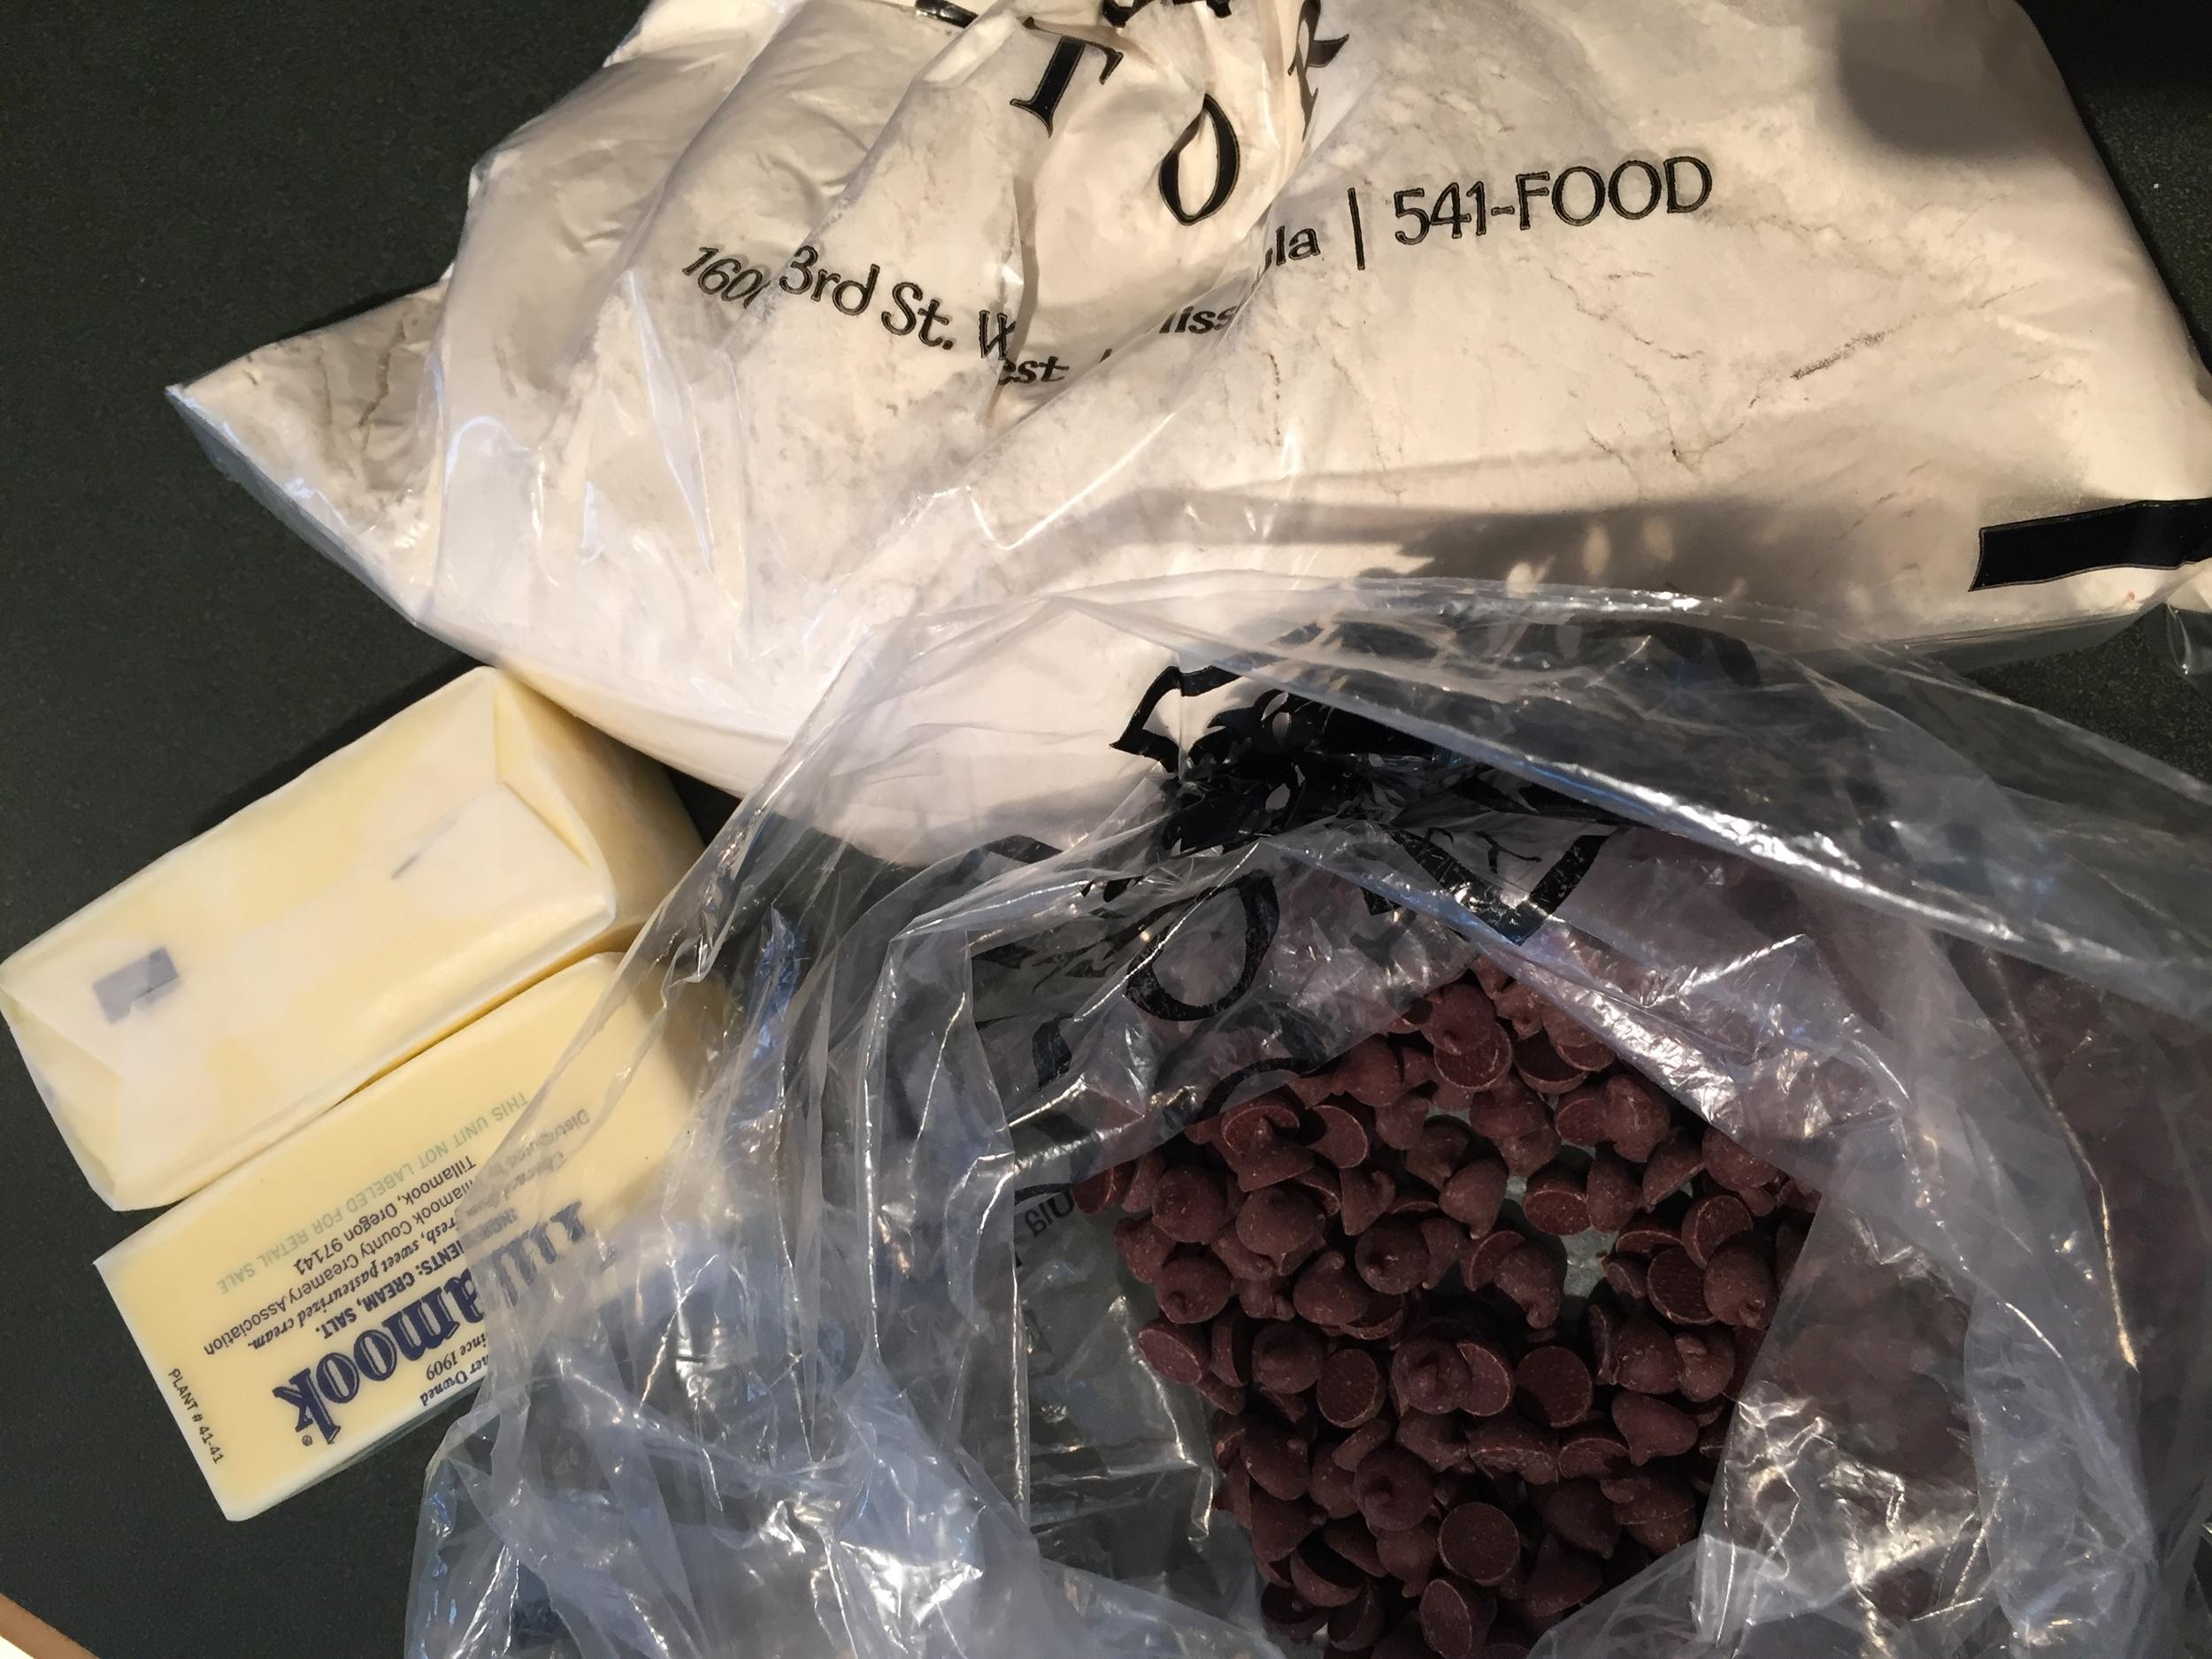 Cookie ingredients await!